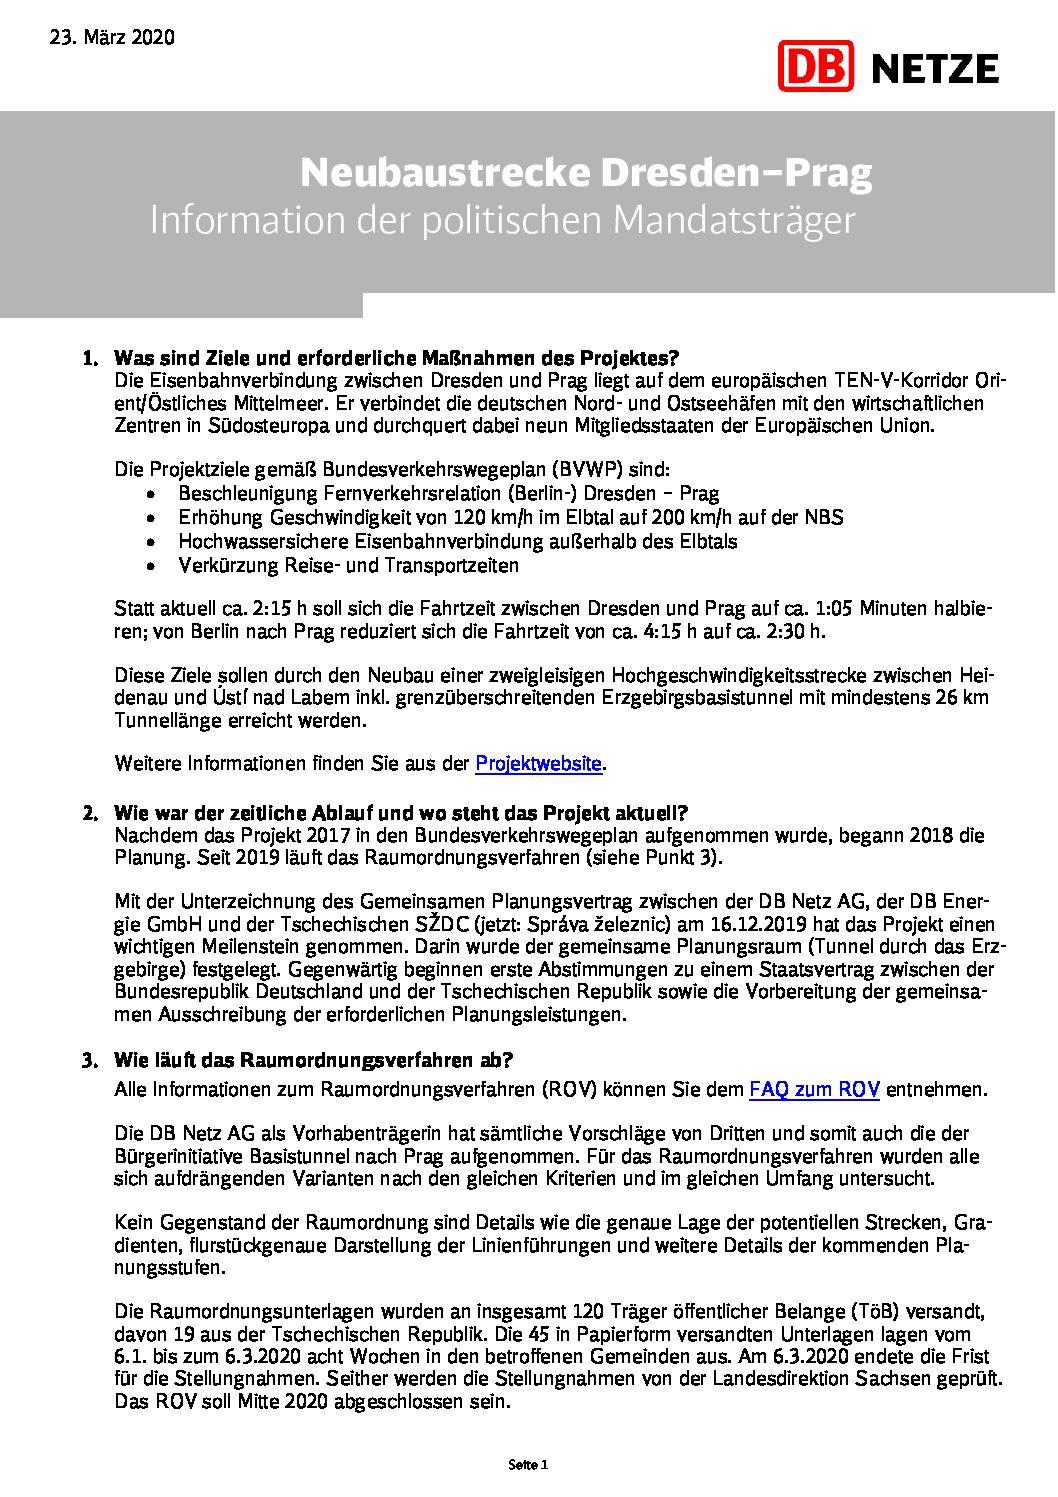 Das Informationspapier für die politischen Mandatsträger mit Stand 23. März 2020